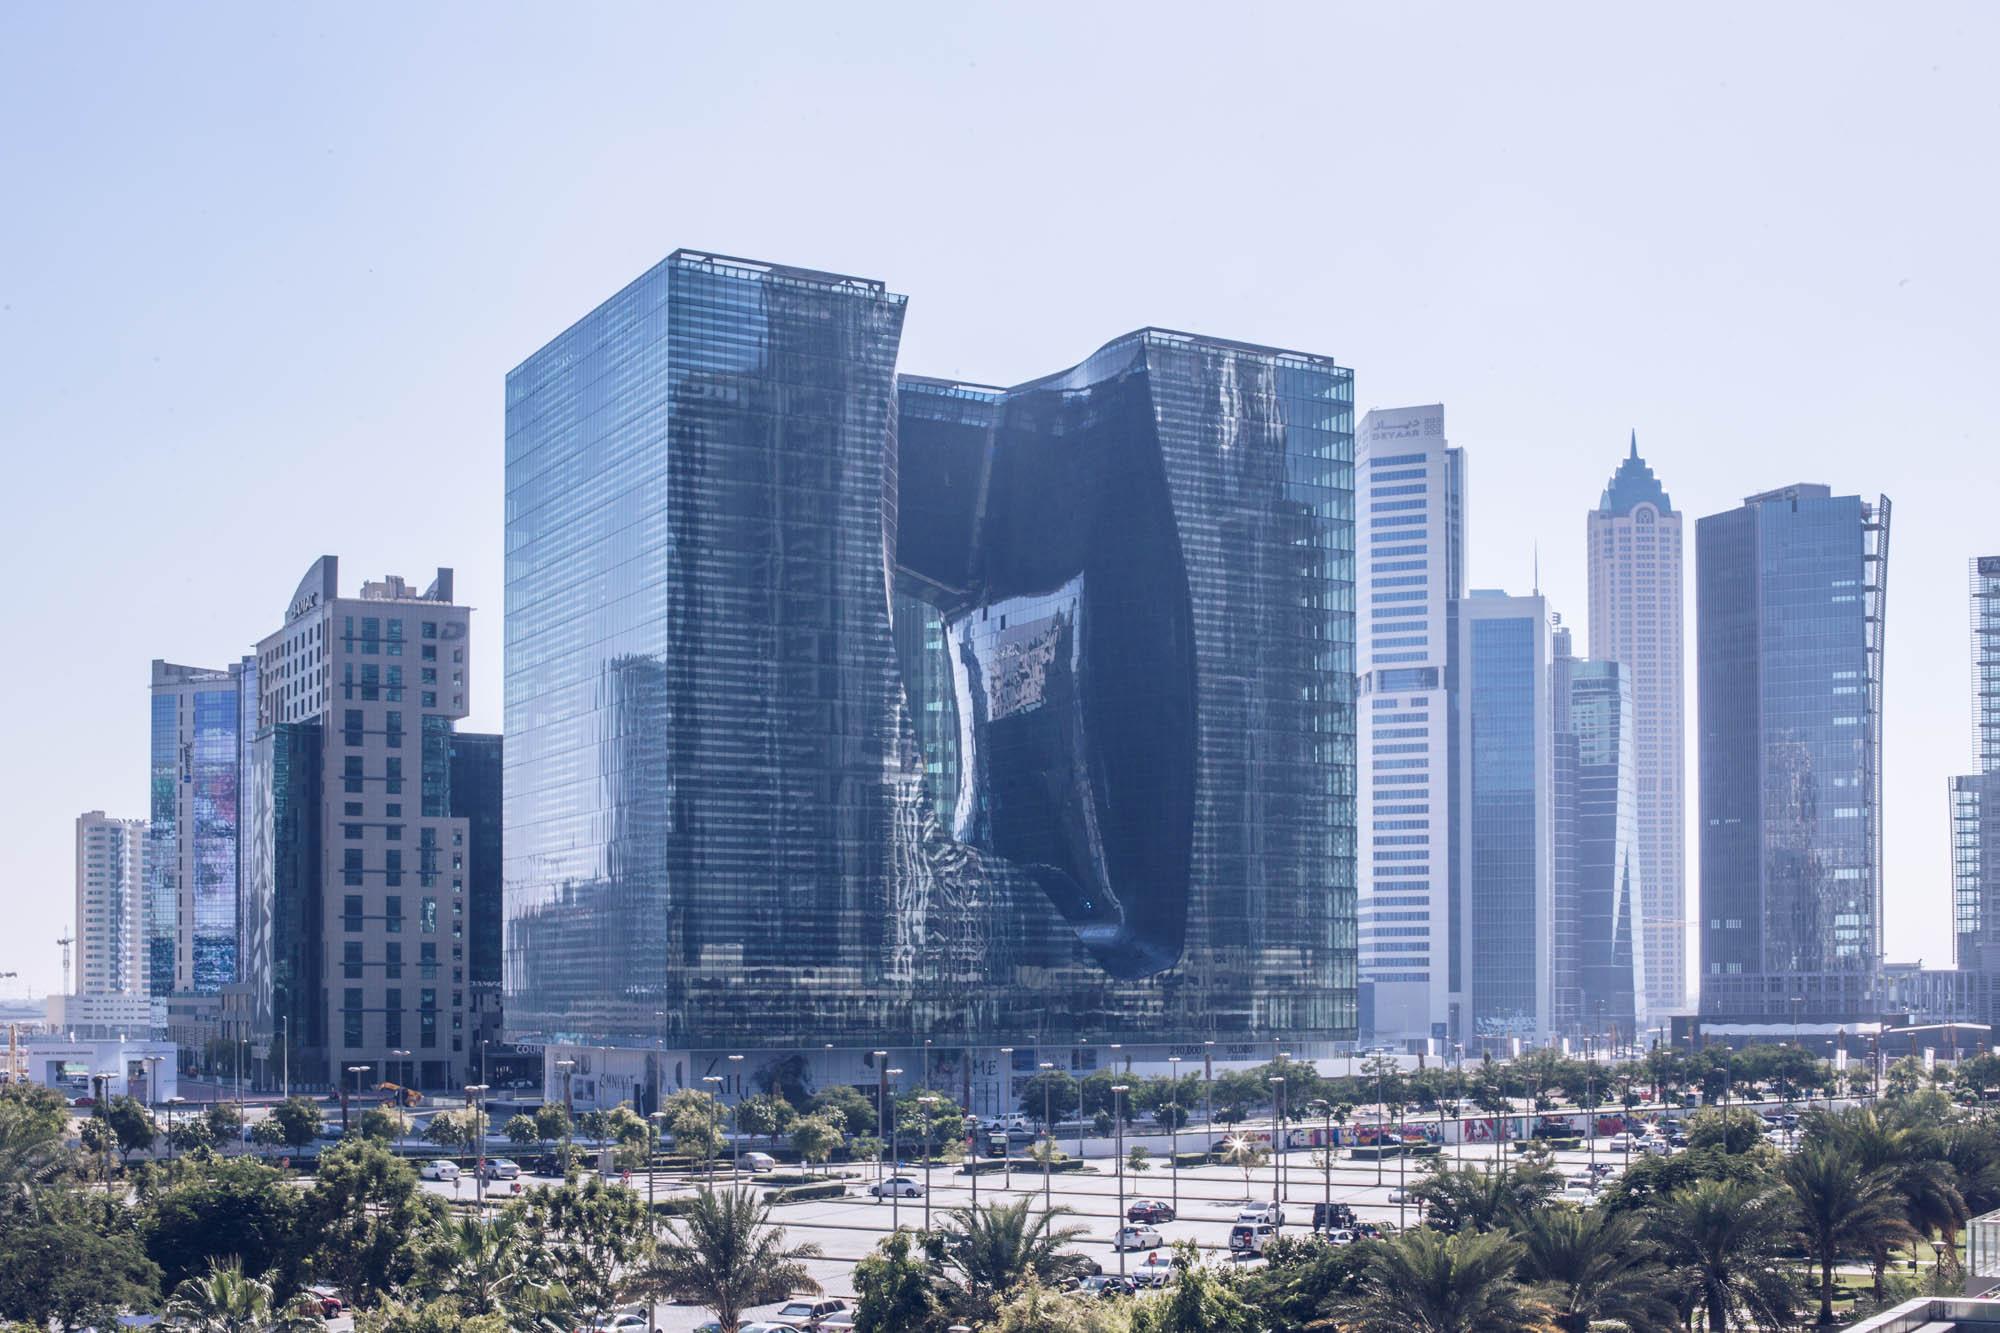 Dubai Photo Diary